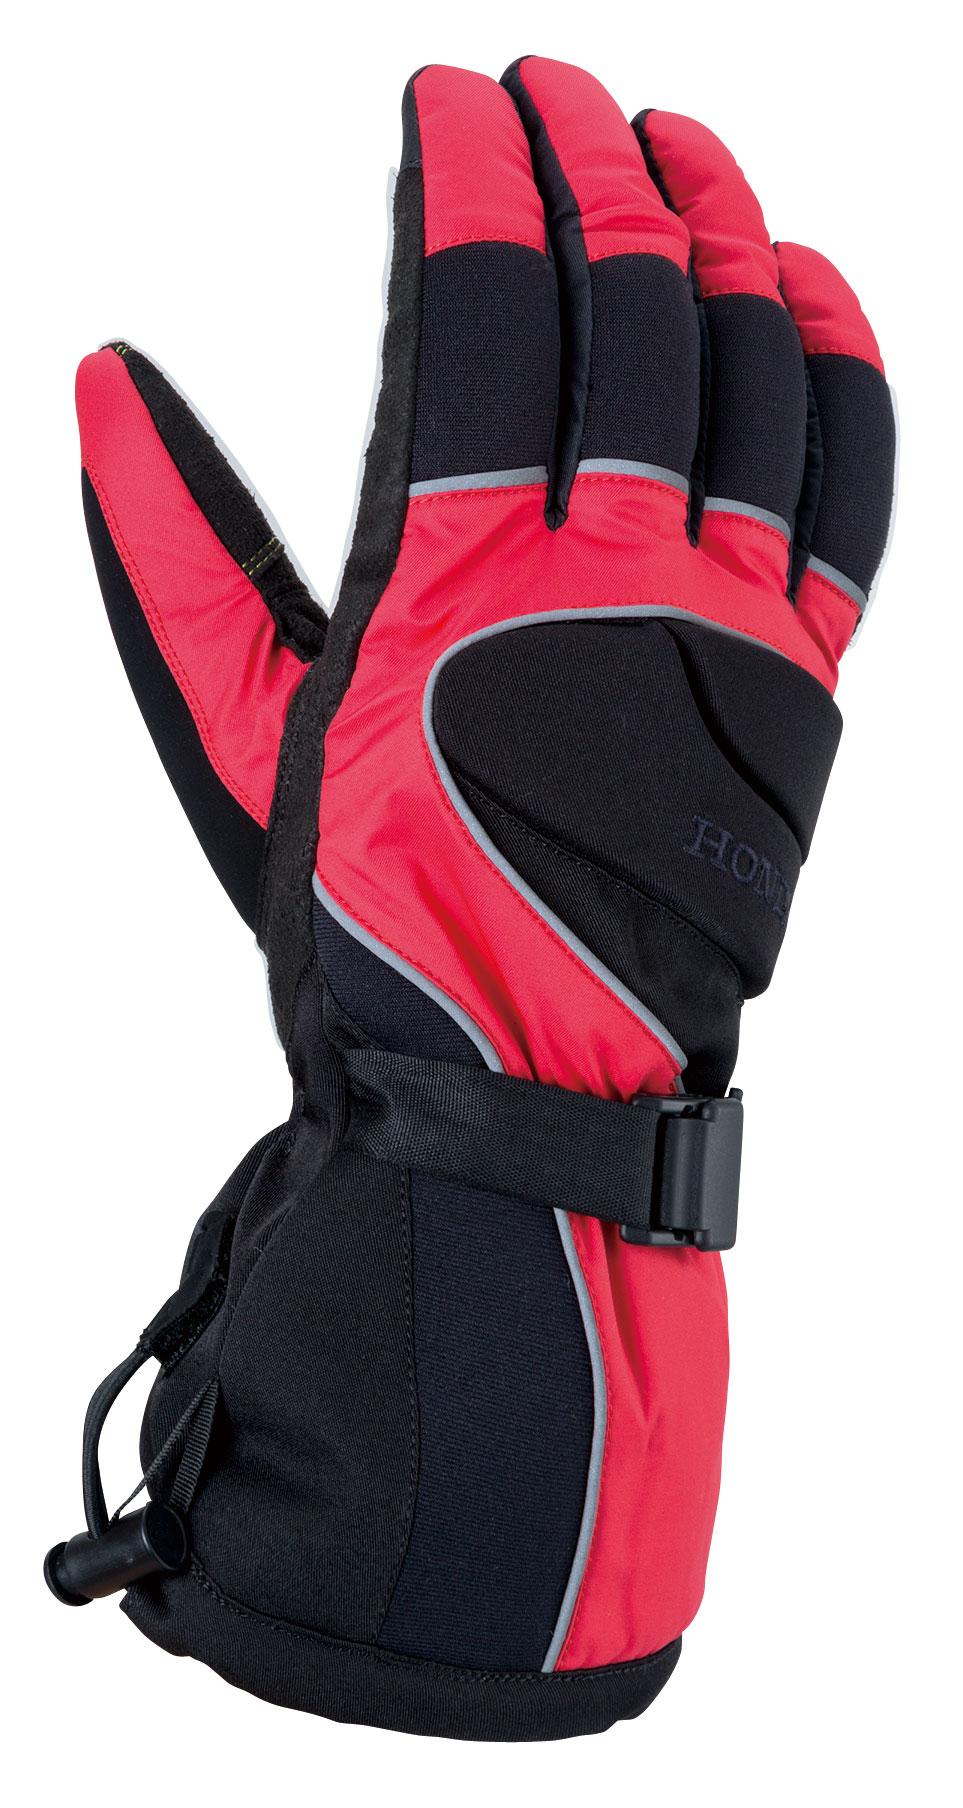 冬季旅行手套